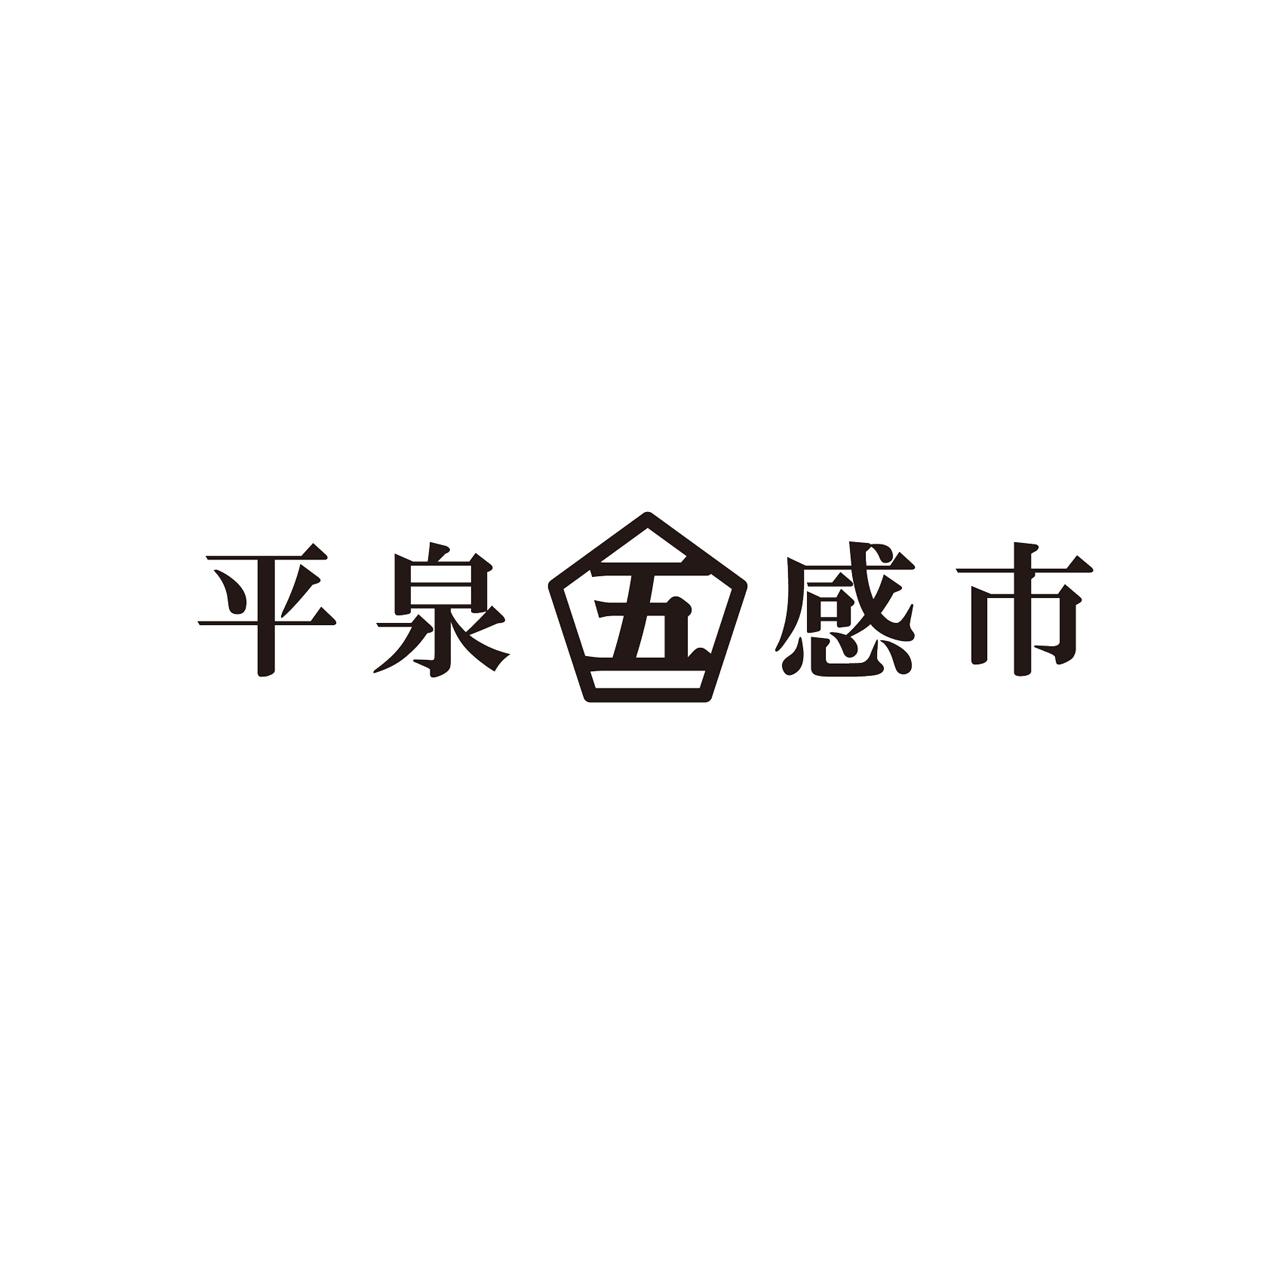 五感市_S1.jpg